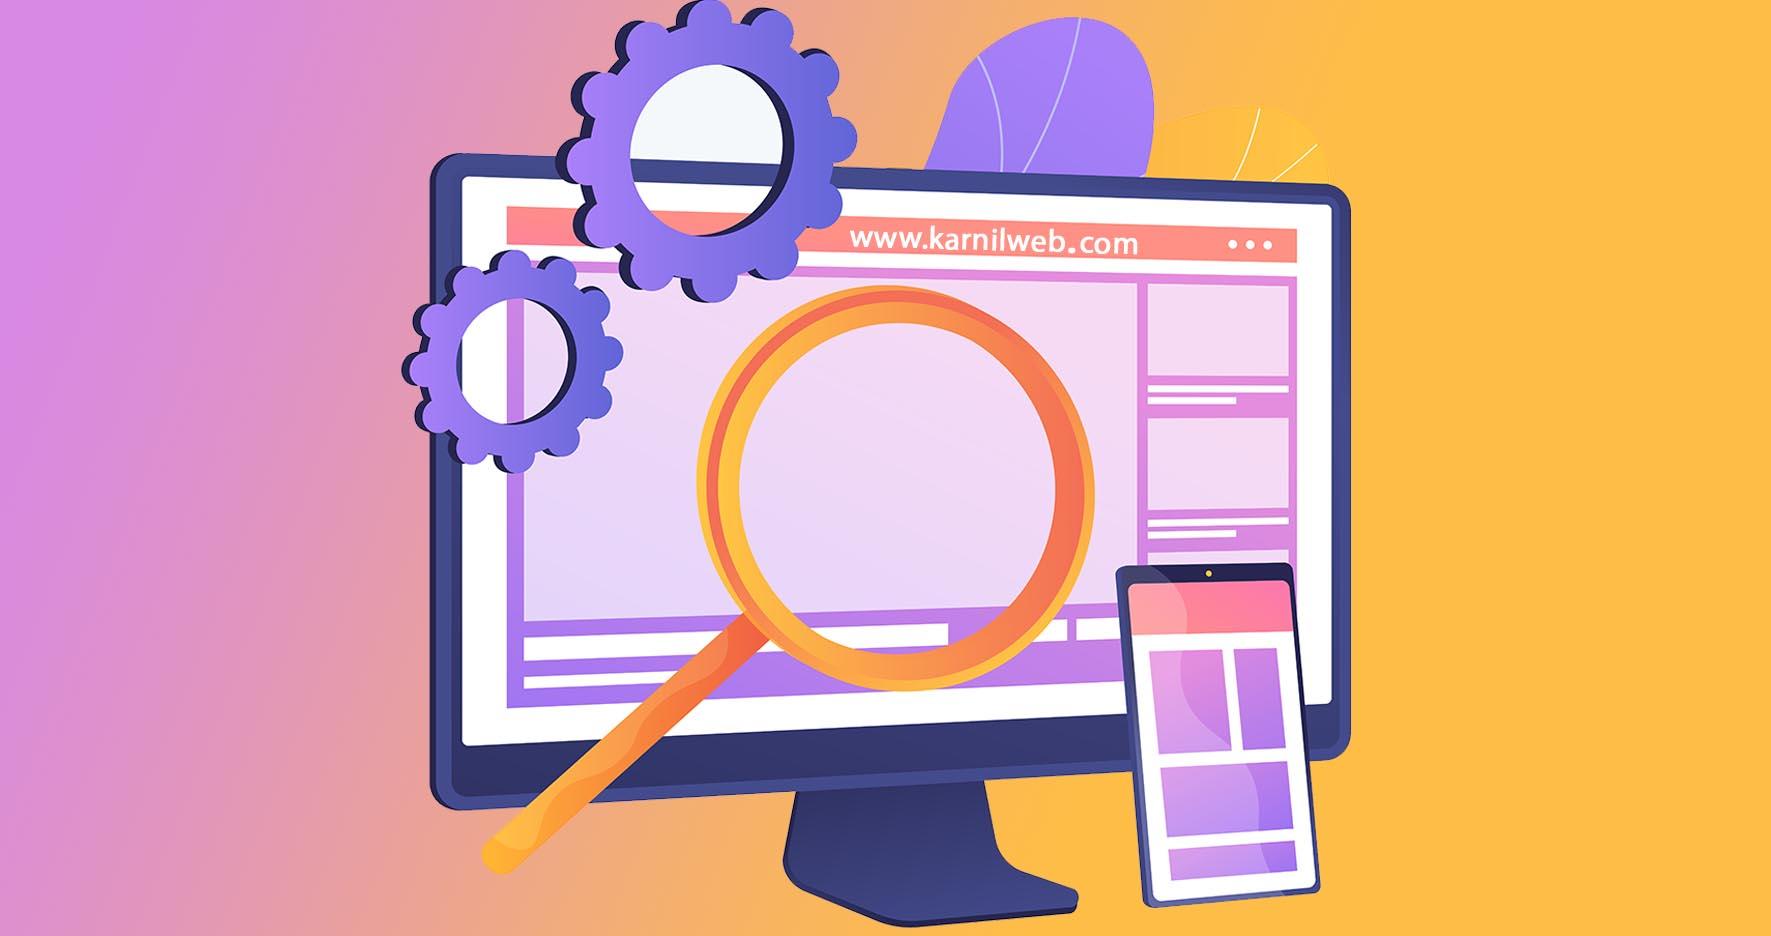 دلایل اهمیت طراحی سایت واکنشگرا - طراحی سایت